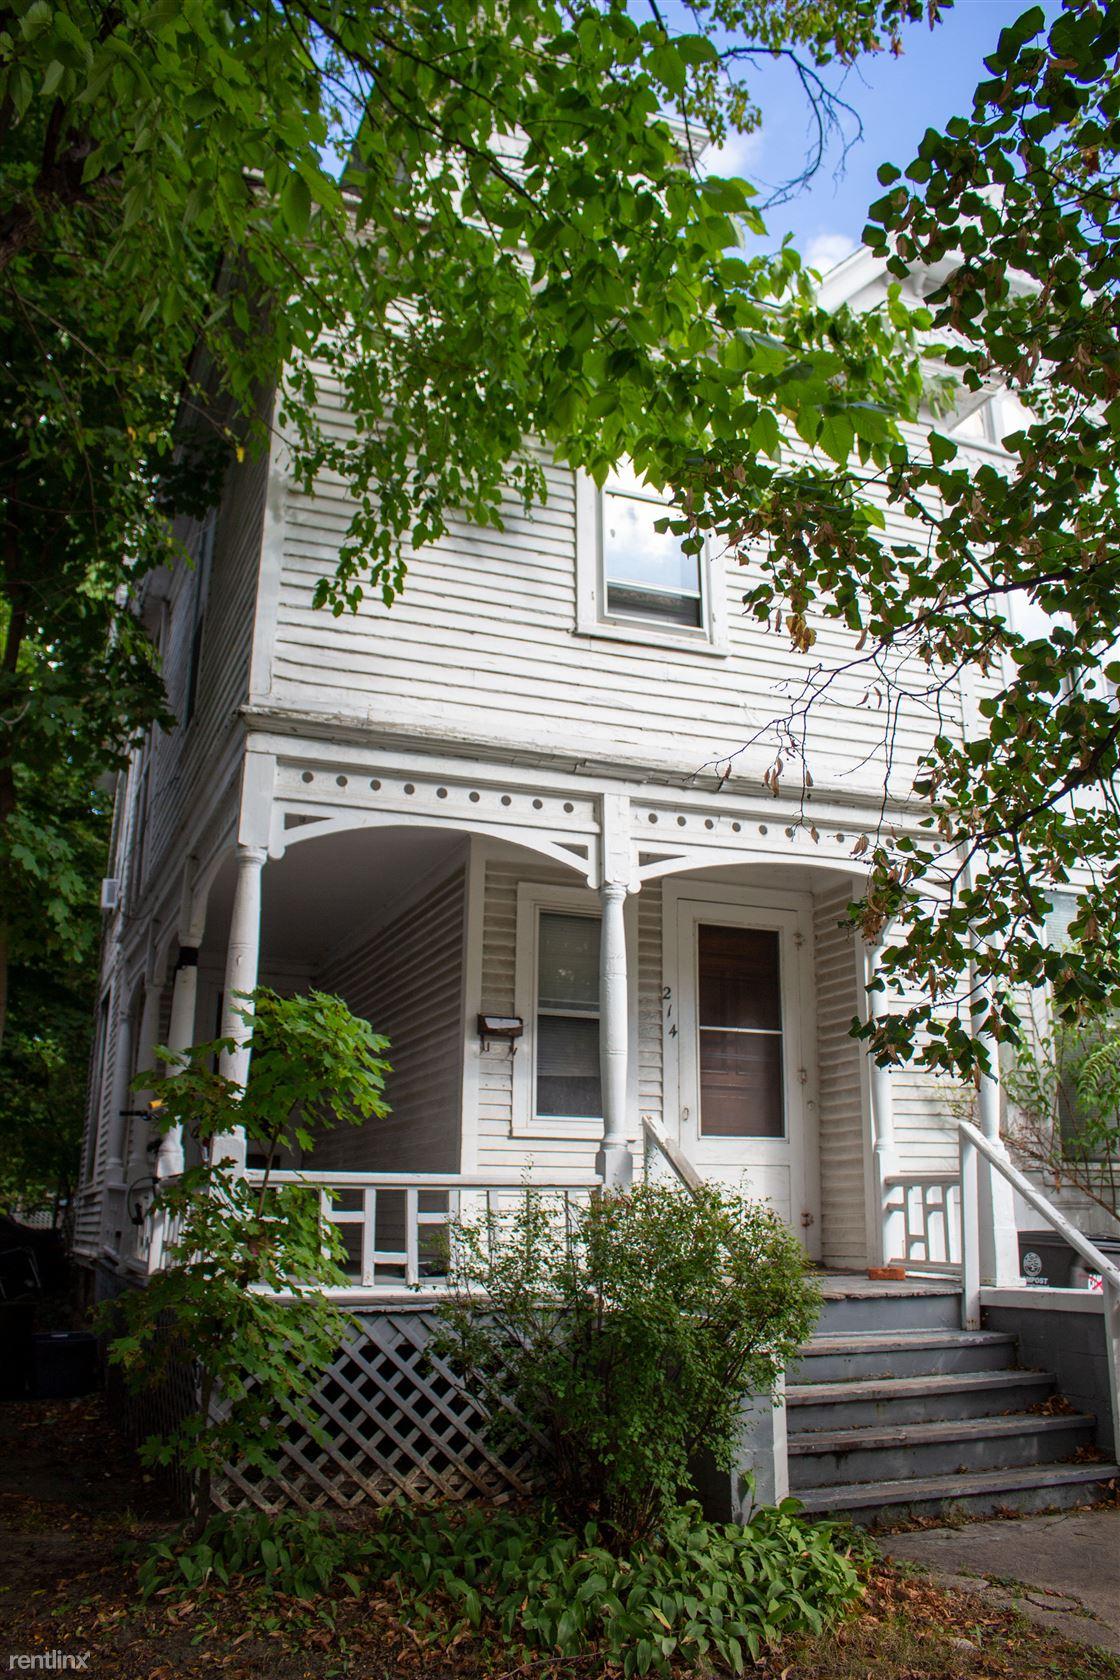 214 N 5th Ave, Ann Arbor, MI - $3,850